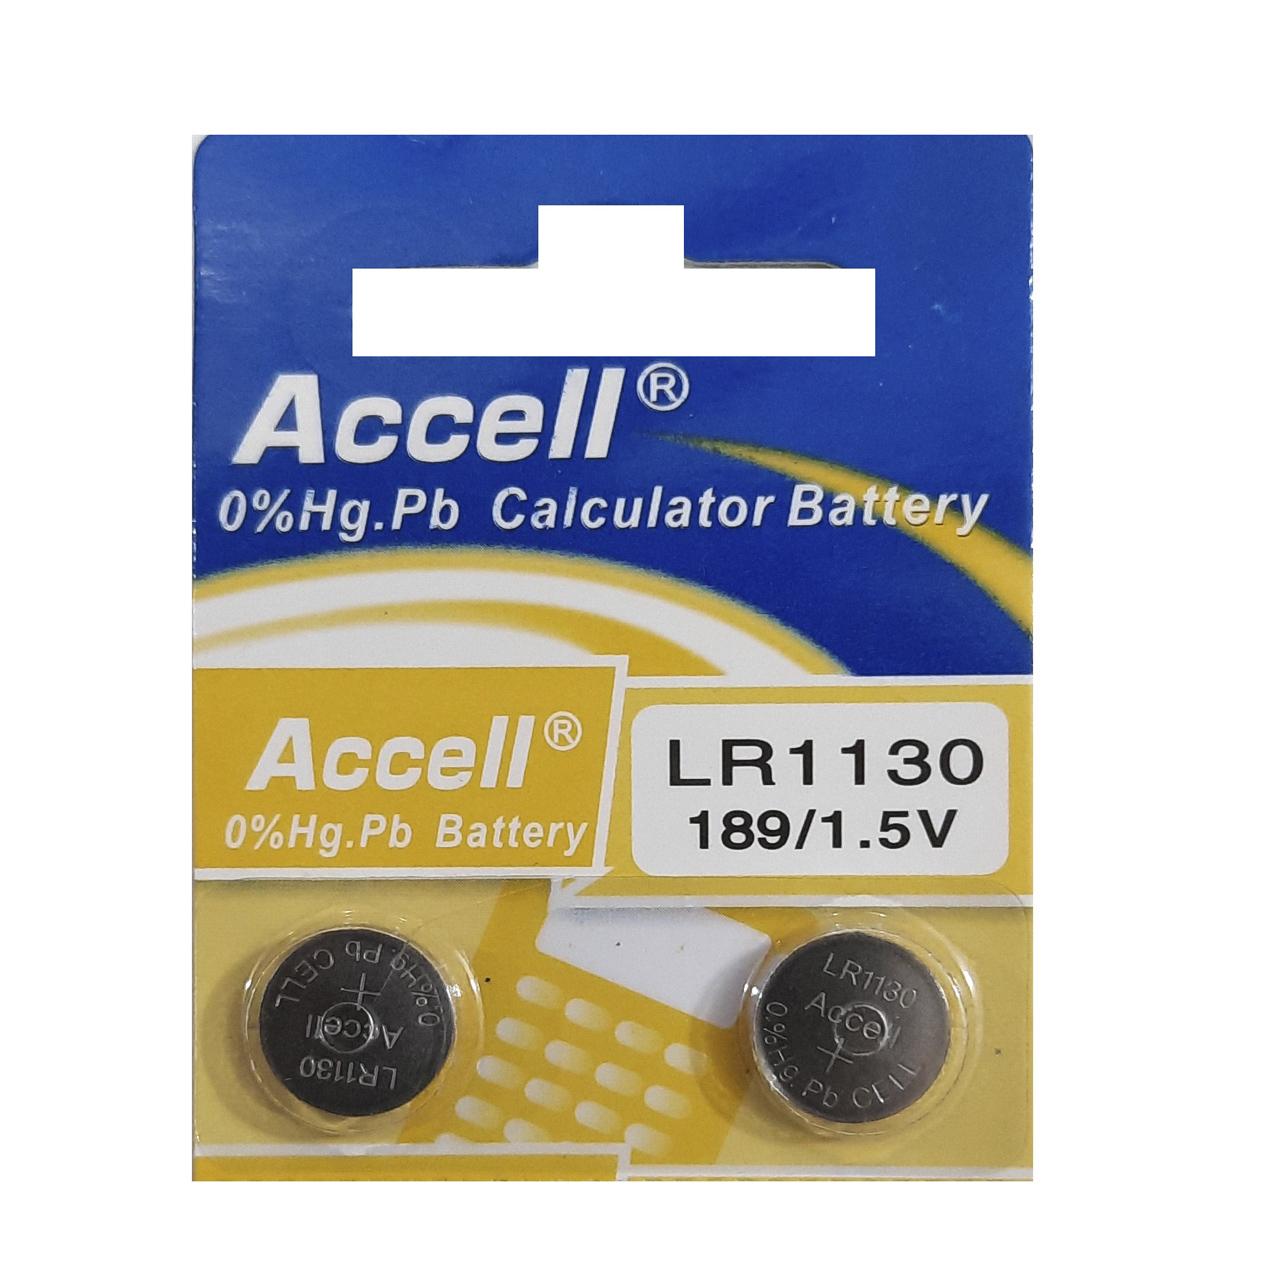 بررسی و {خرید با تخفیف}                                     باتری ساعت  اکسل مدل  LR1130 بسته 2 عددی                              اصل